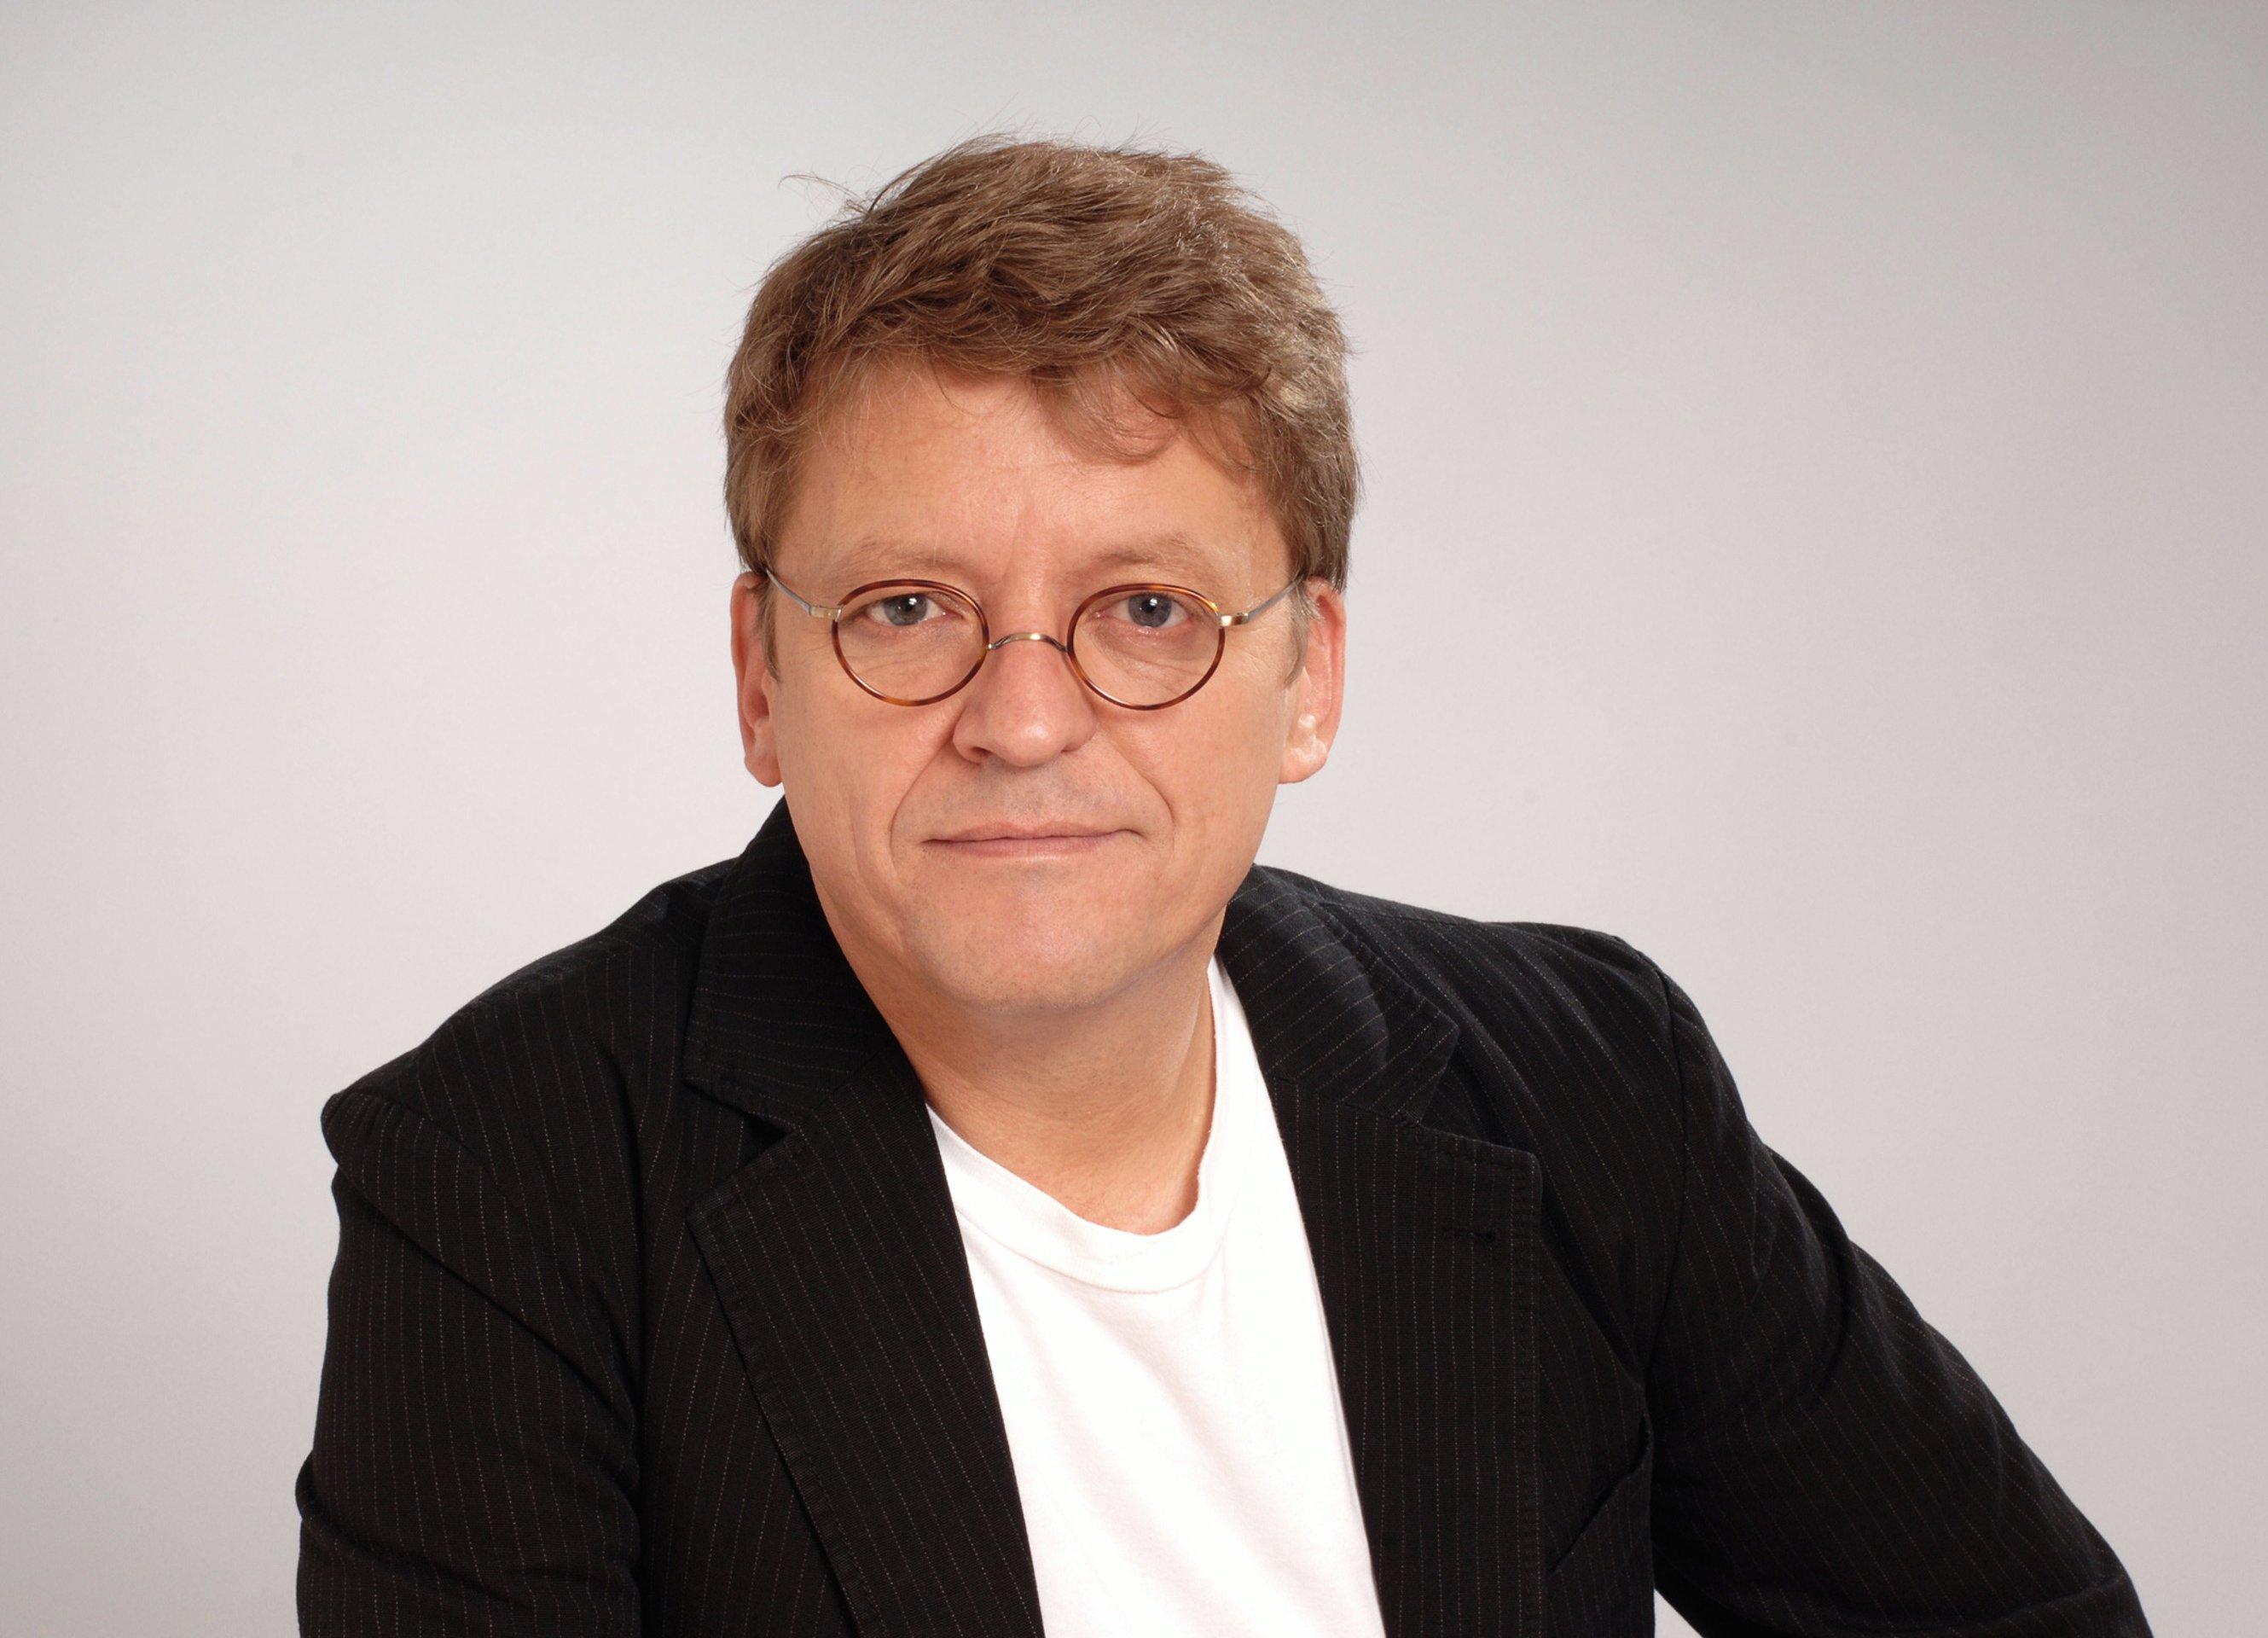 Frank Markus Barwasser